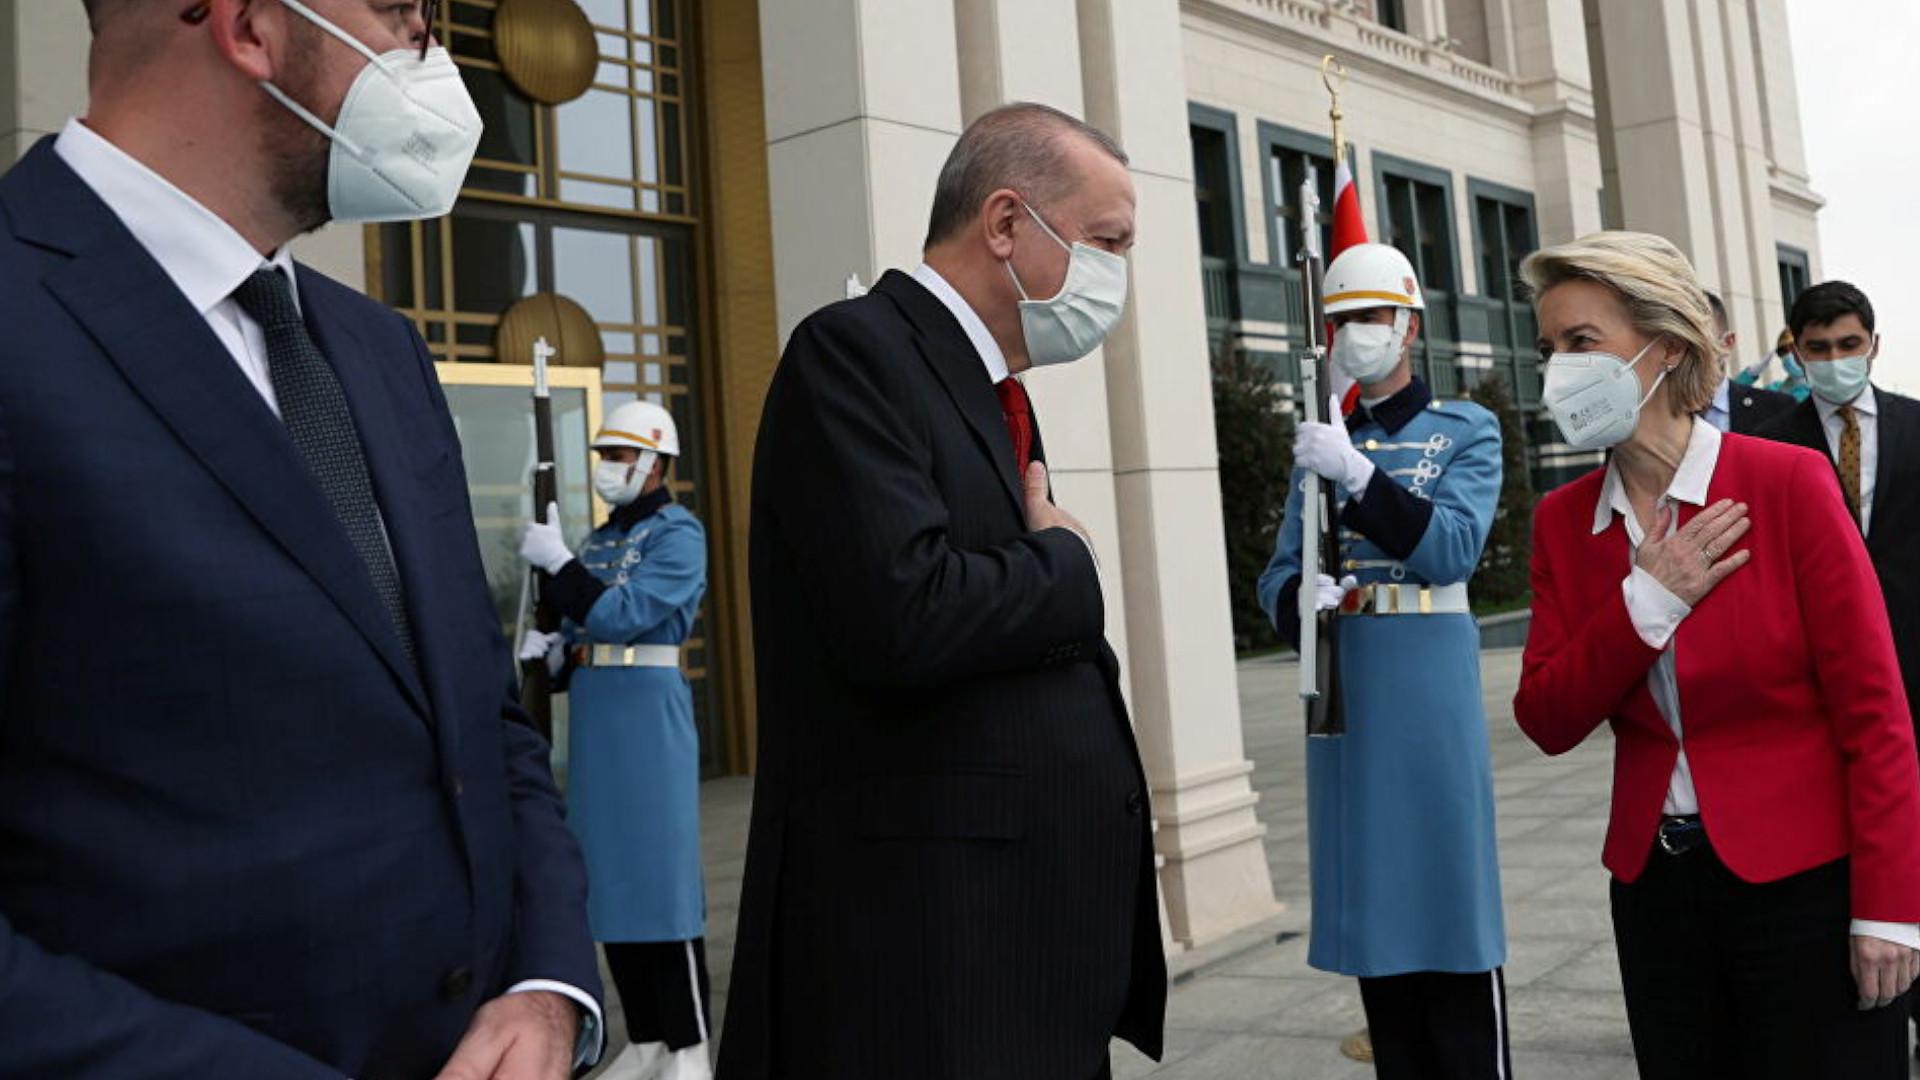 A new EU framework for Turkey?